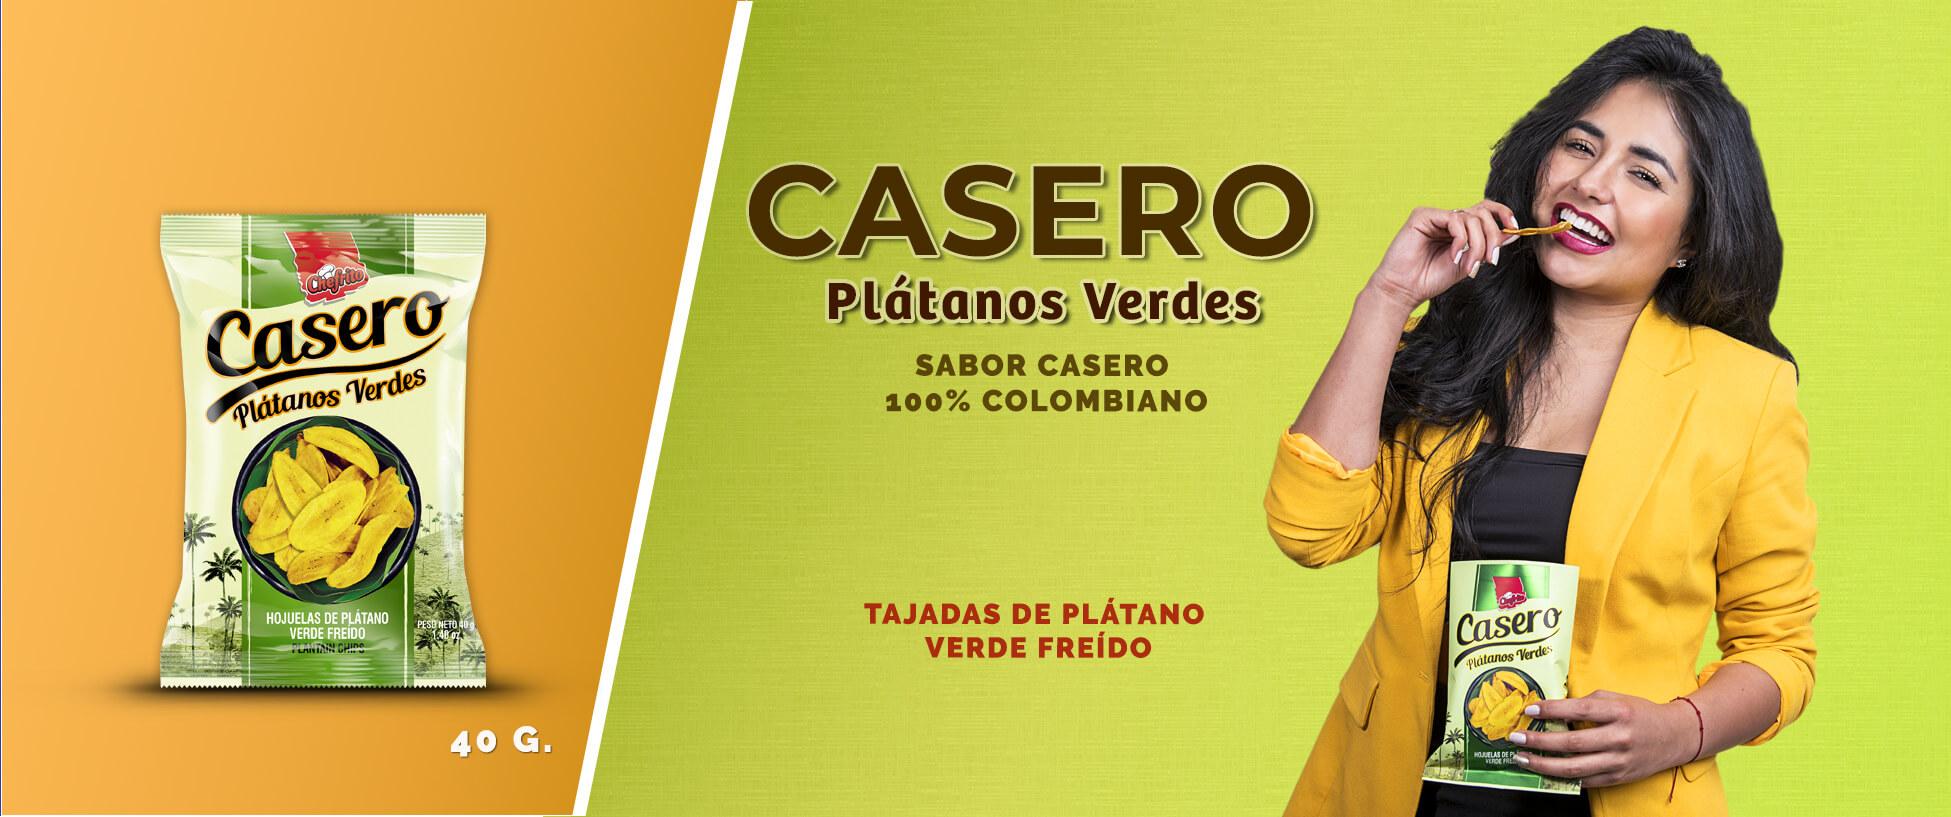 Casero 4